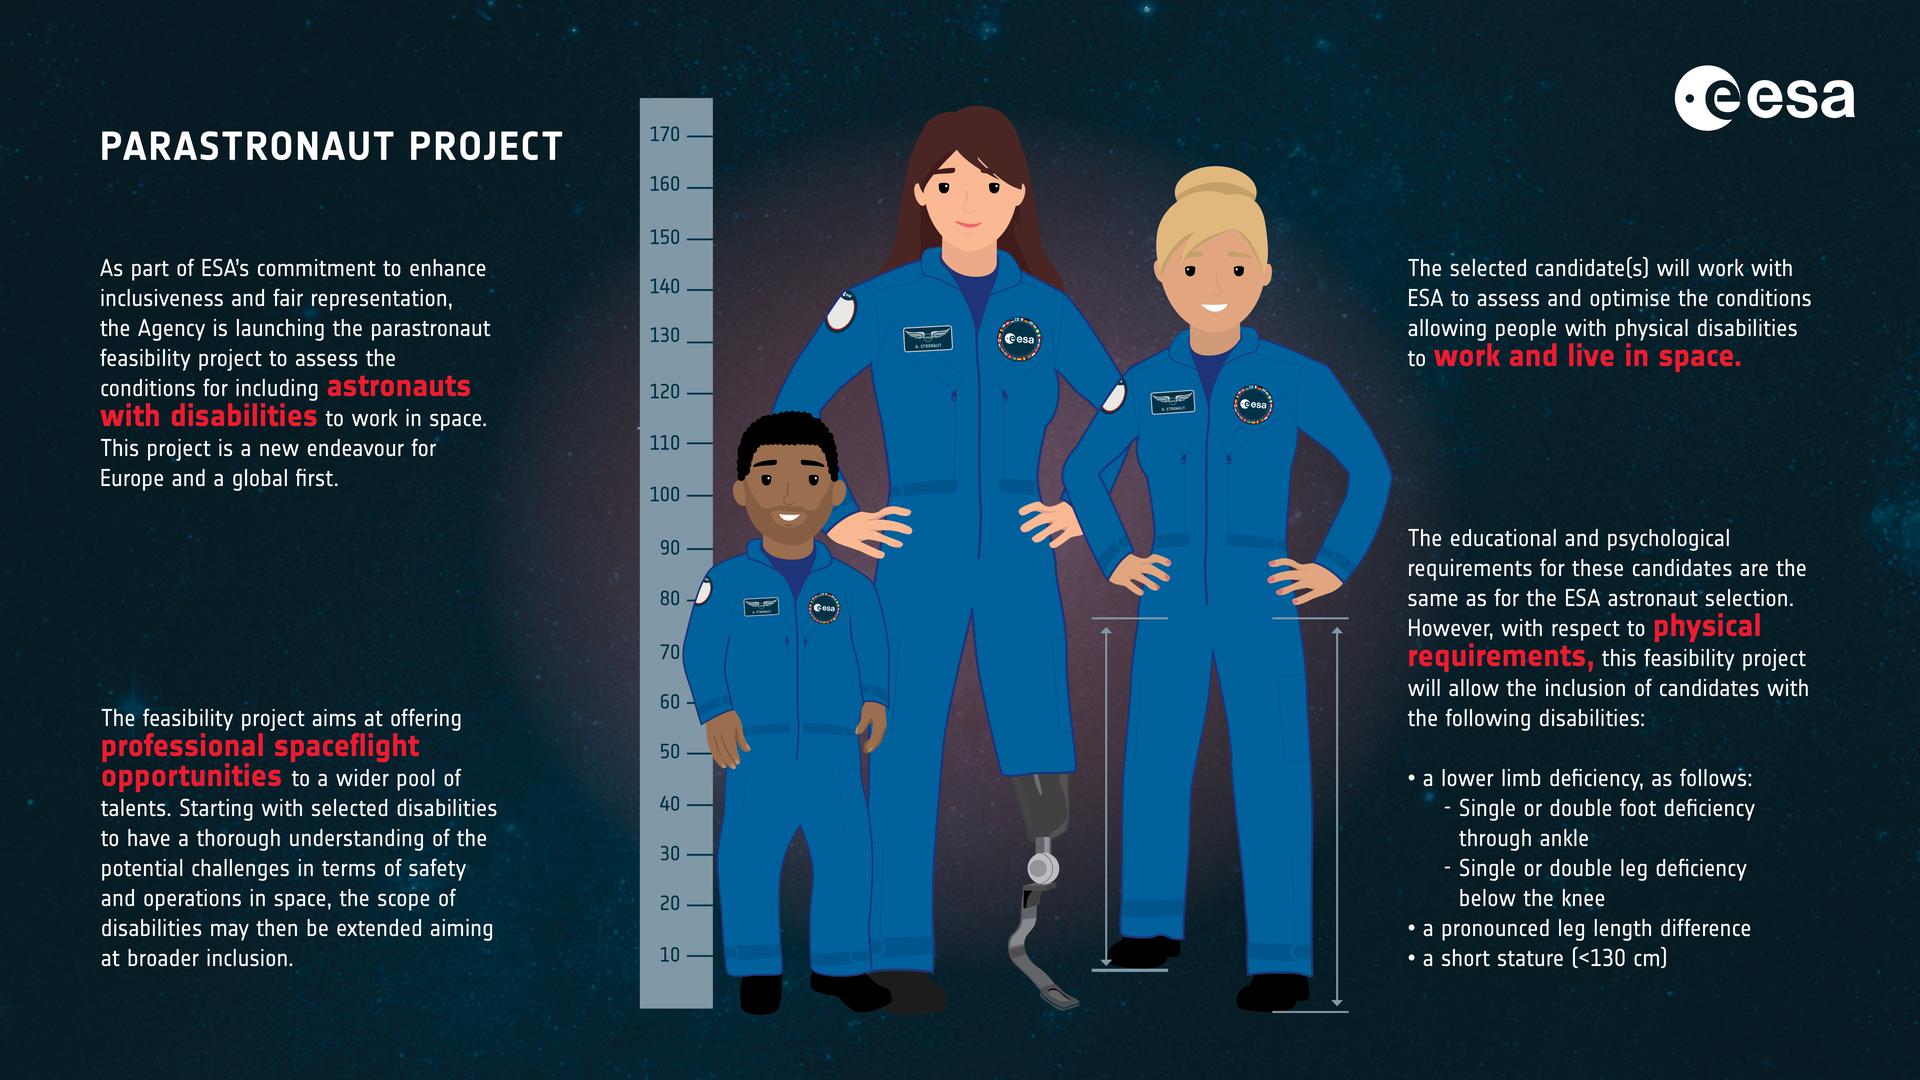 欧洲空间局招募宇航员 残障人士也可申请